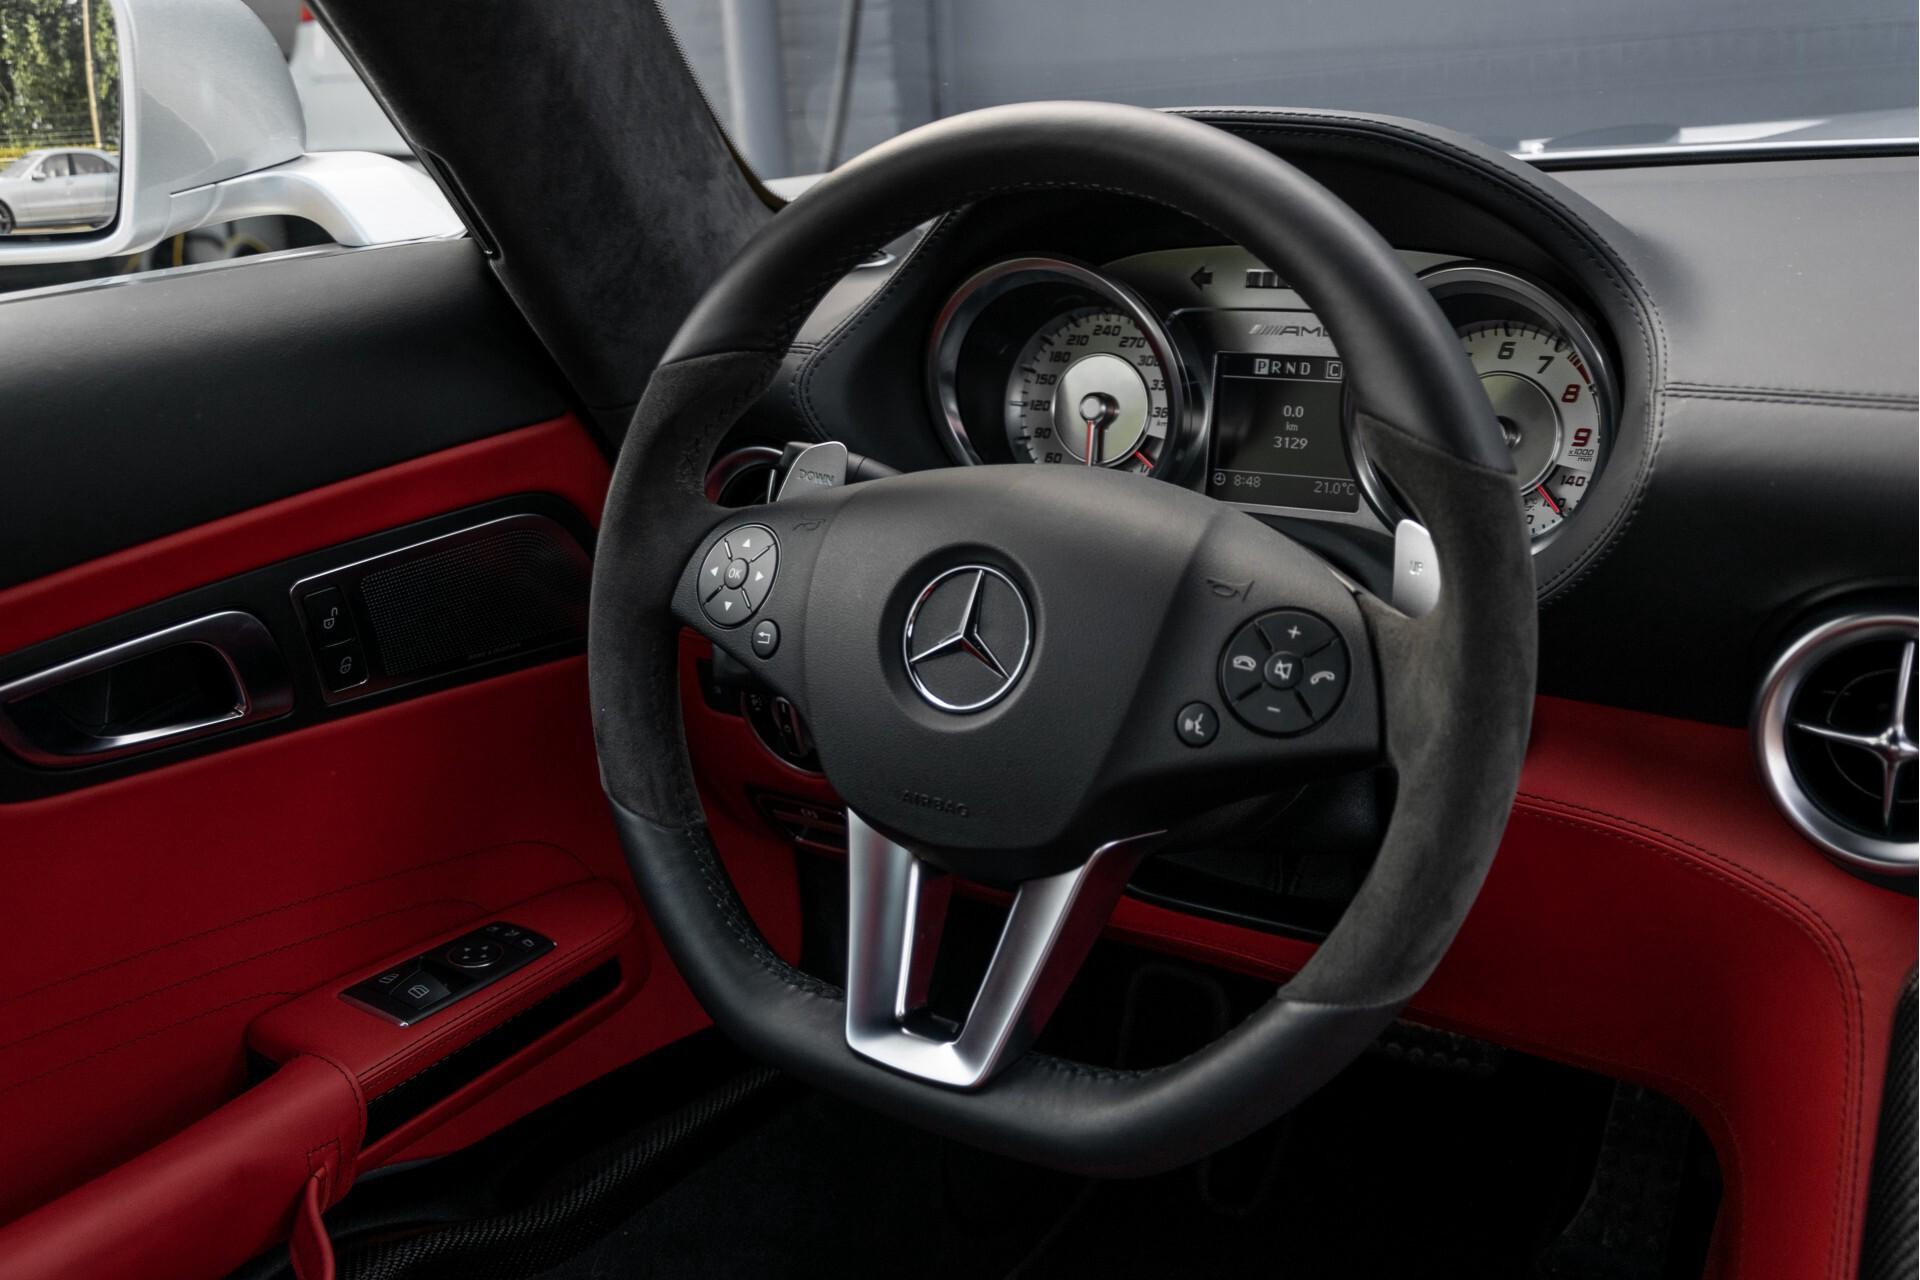 Mercedes-Benz SLS Coupé 6.3 AMG 1ste eigenaar/NL Auto FULL OPTIONS Aut7 Foto 7